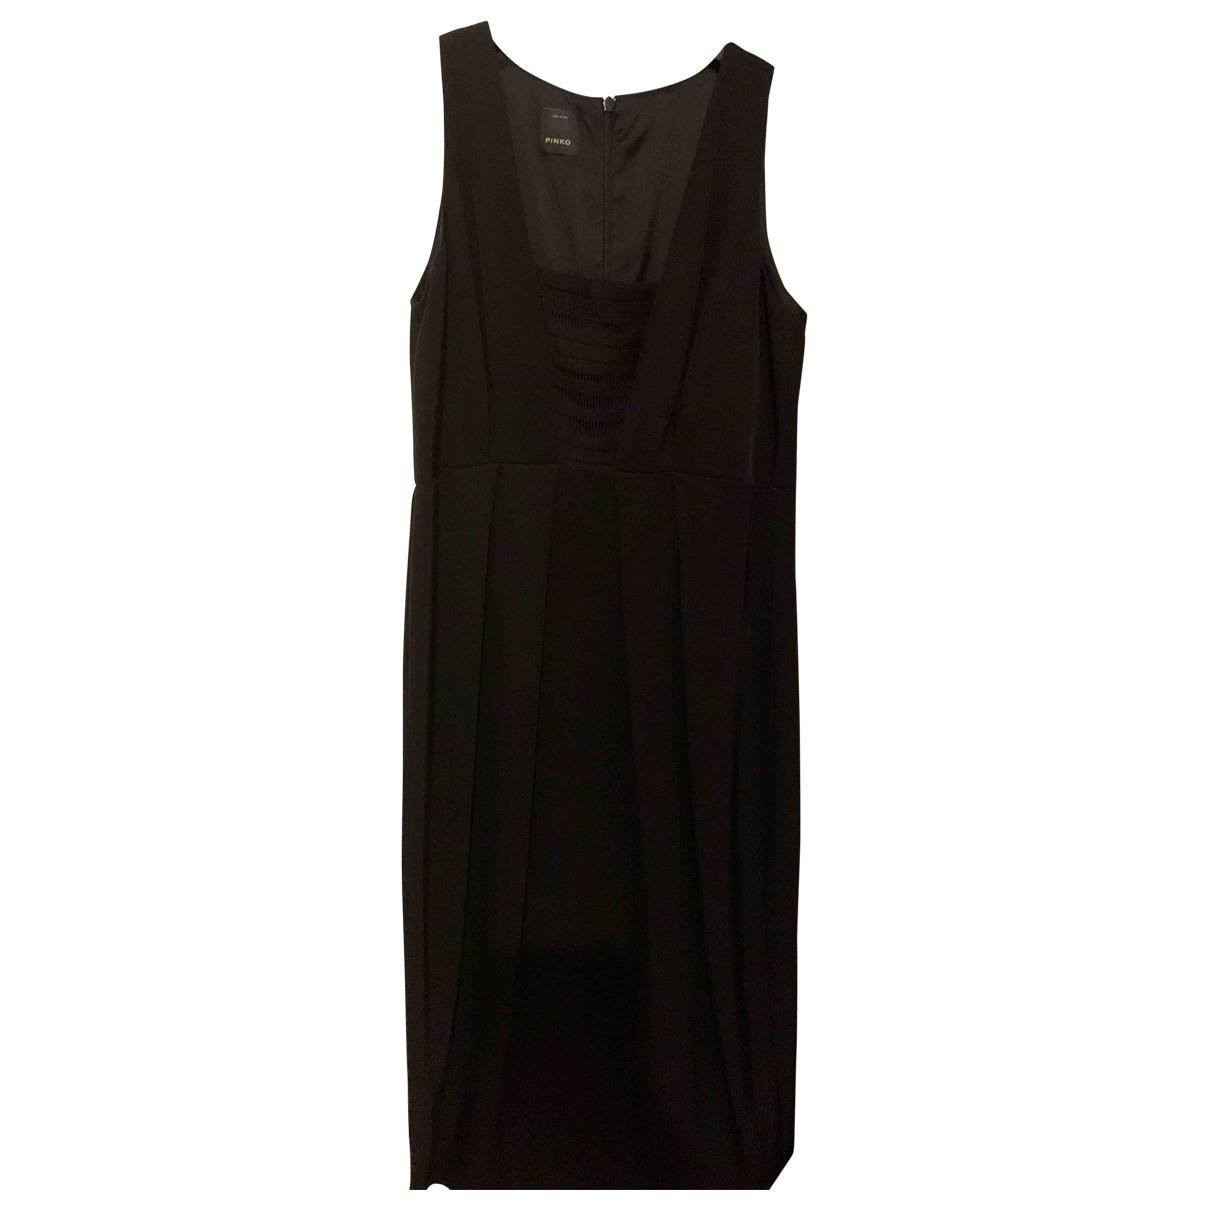 Pinko \N Black dress for Women 38 IT